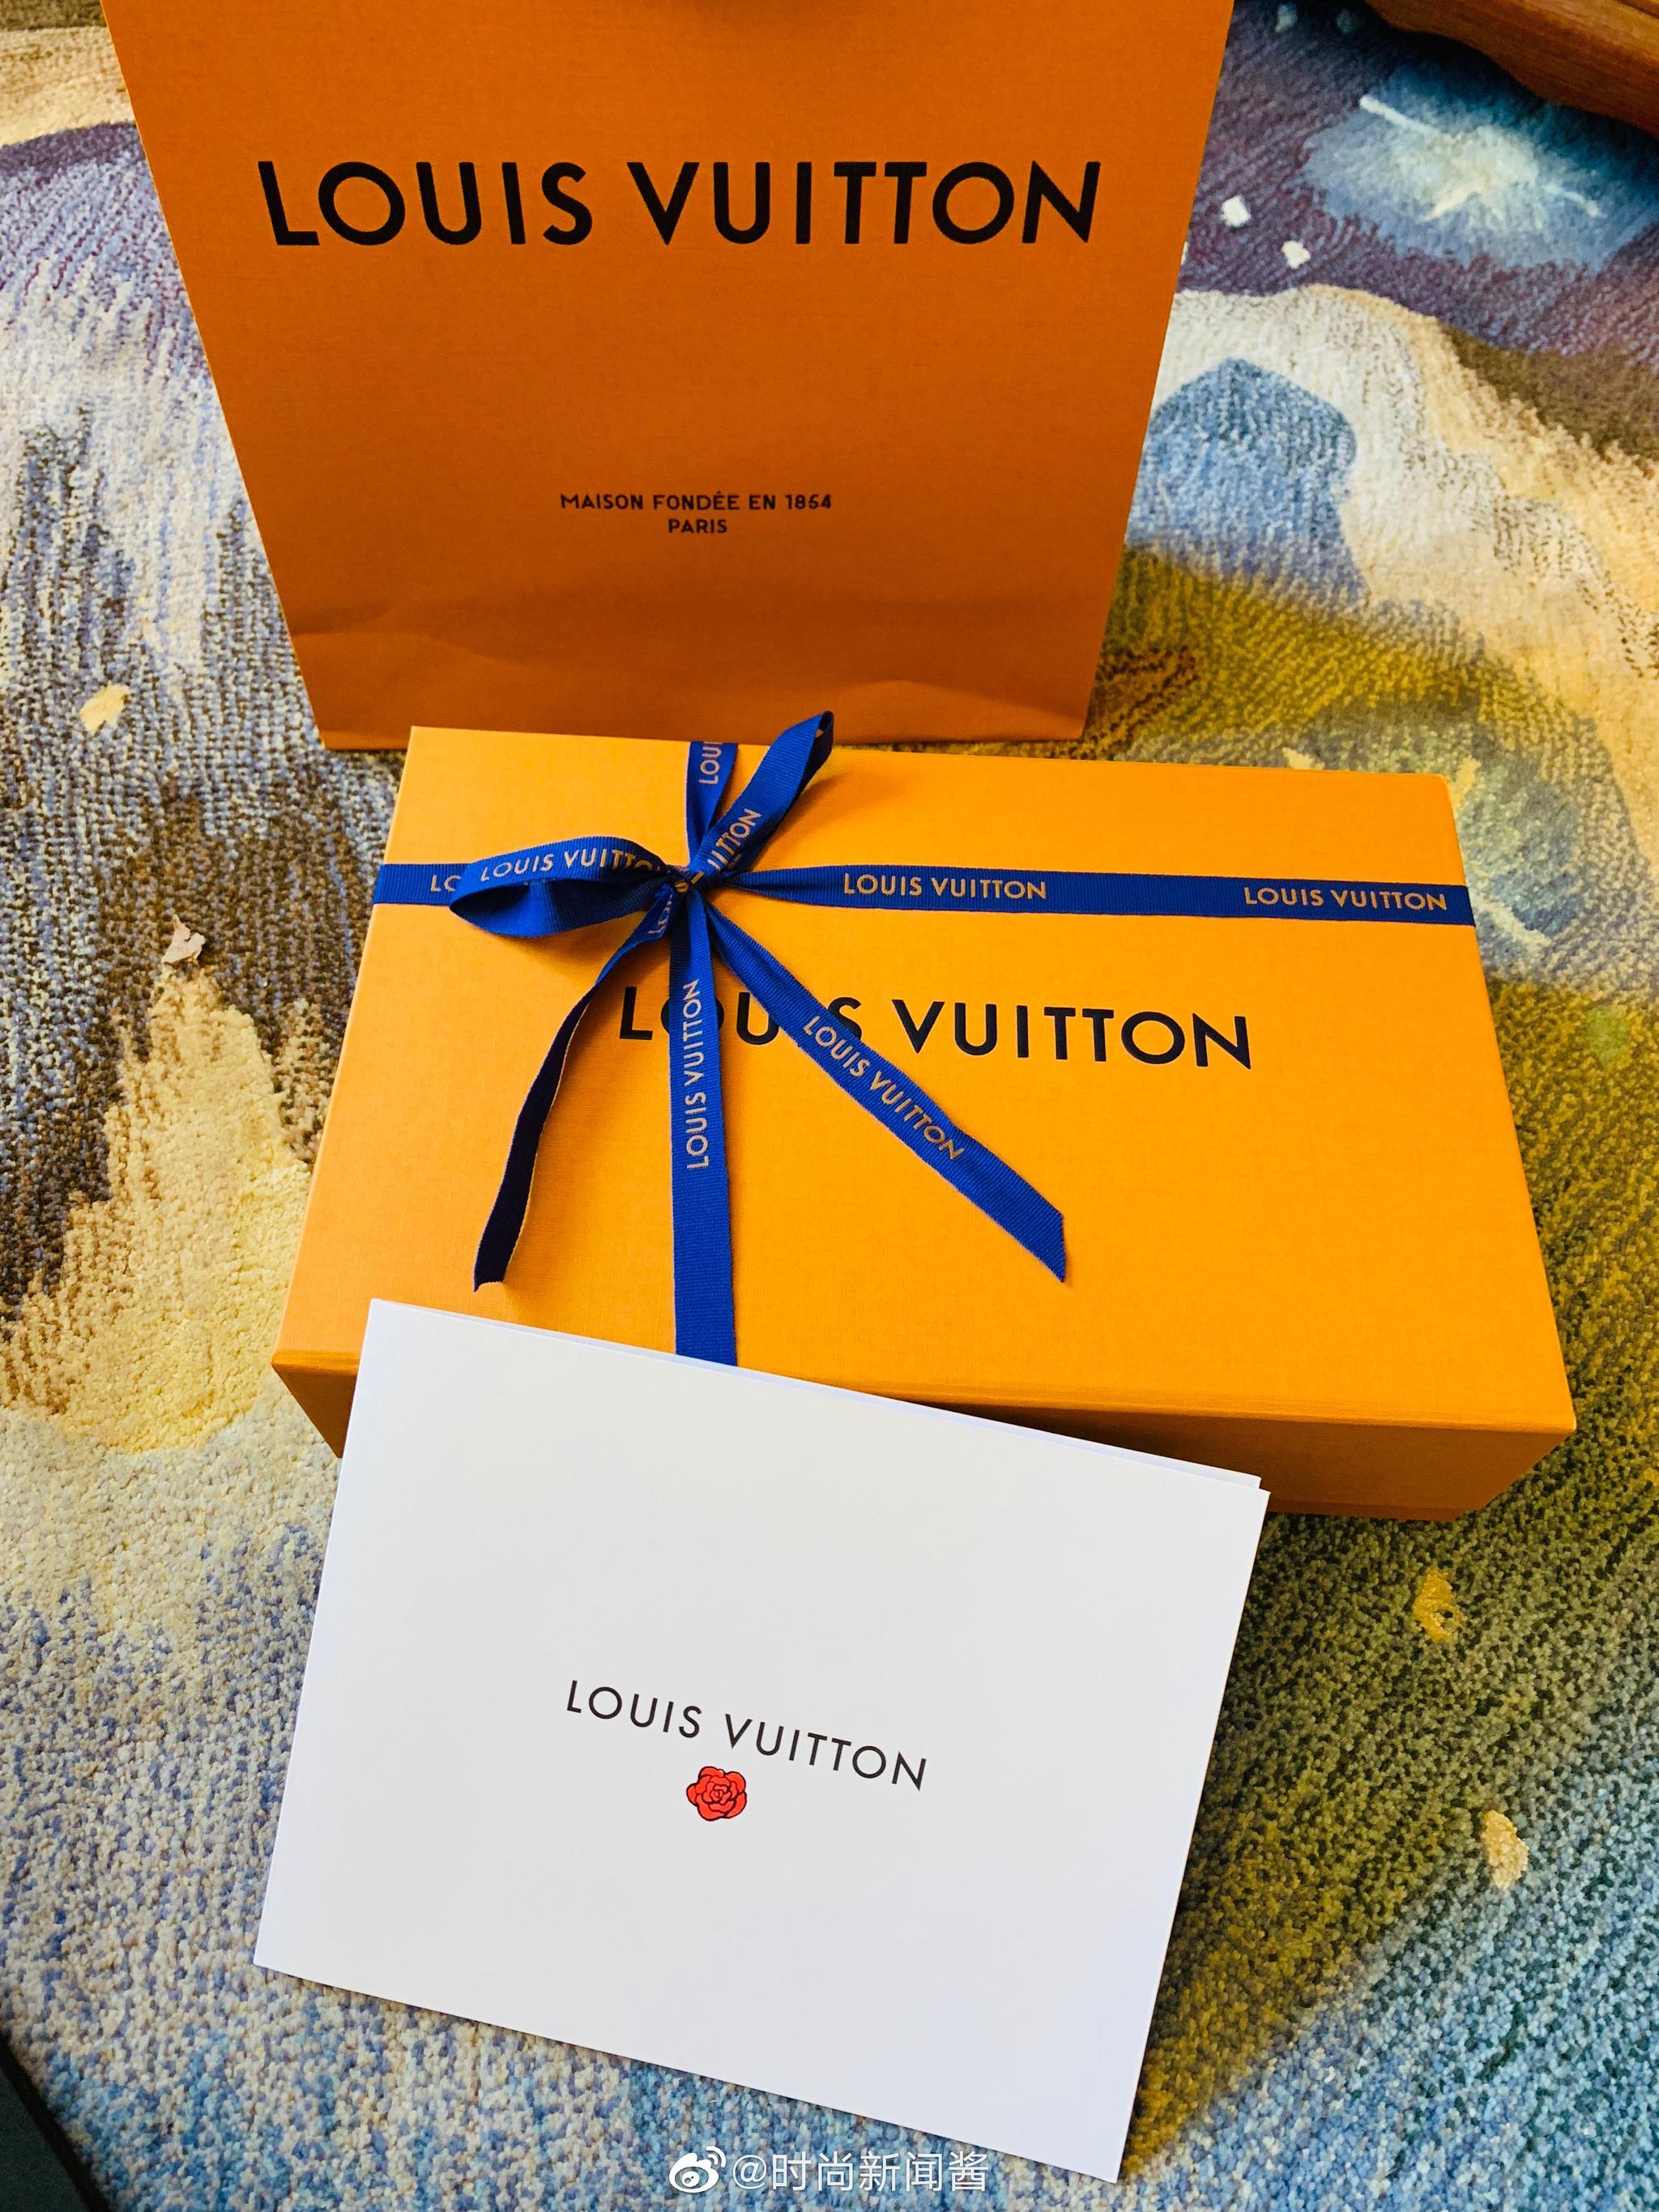 谢谢情人@路易威登 送来的七夕礼物香水+丝巾=相思!